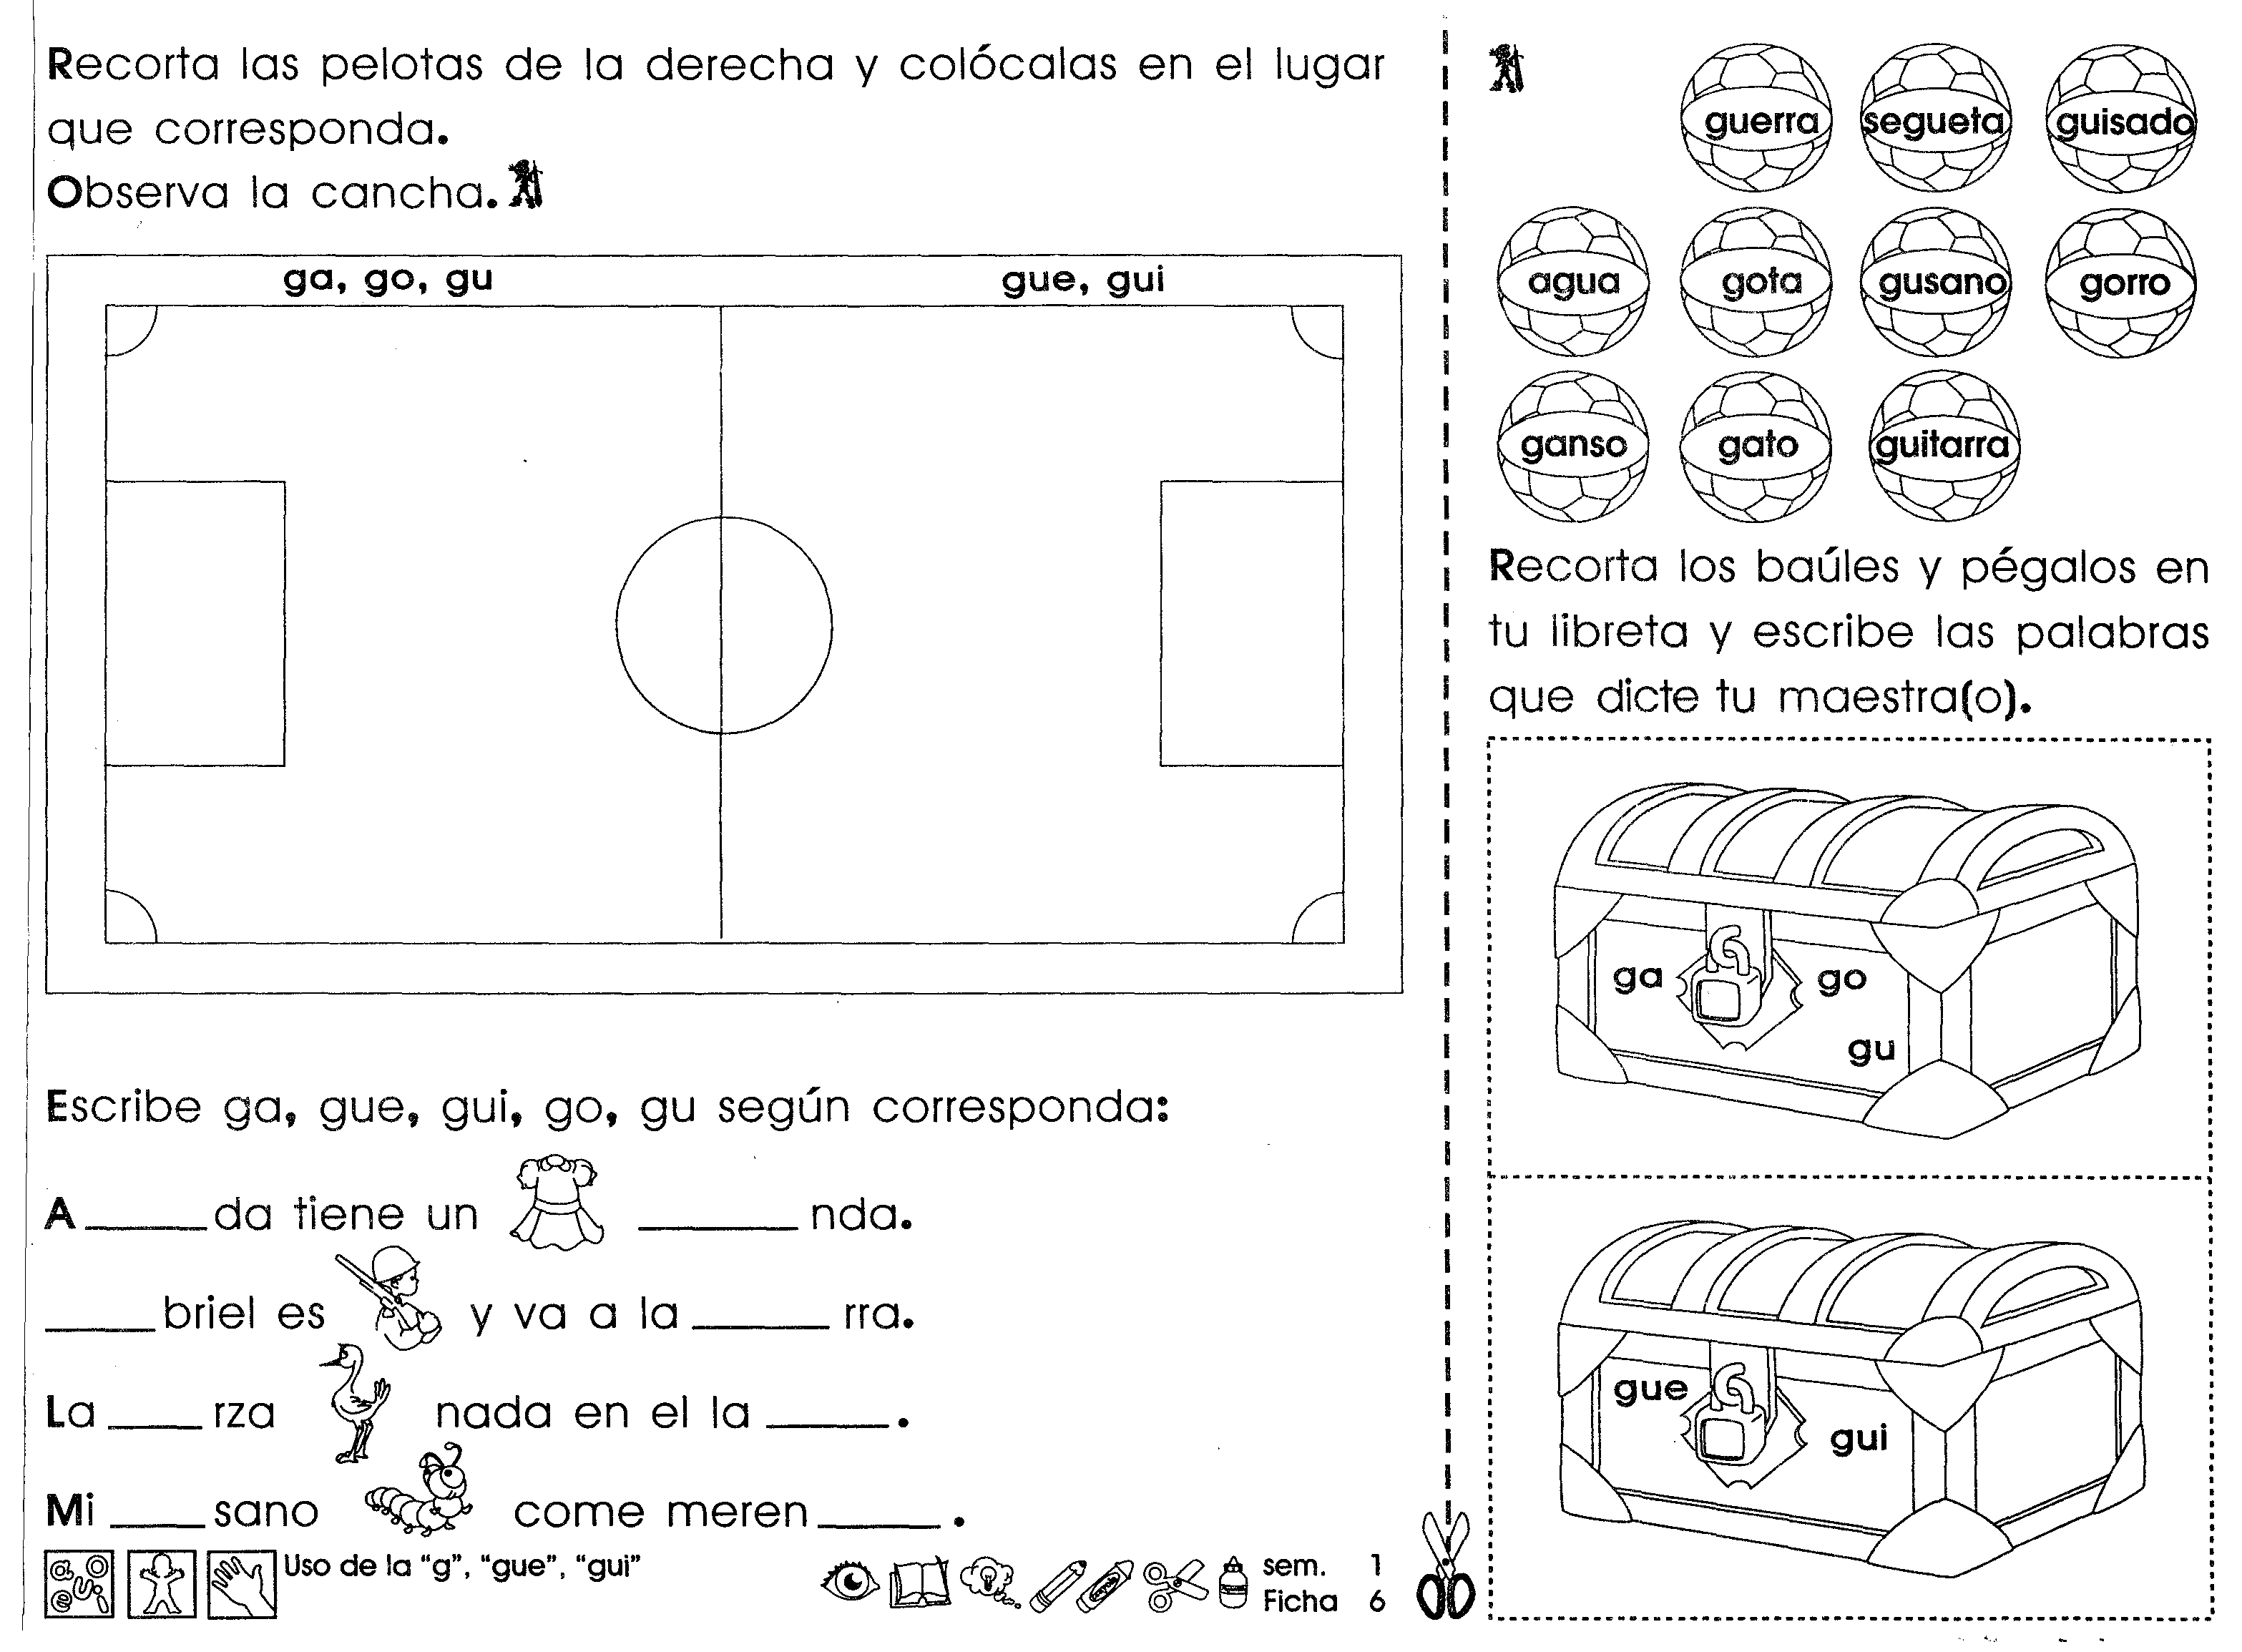 Ejercicios Para Practicar El Uso De La G Gue Gui Con